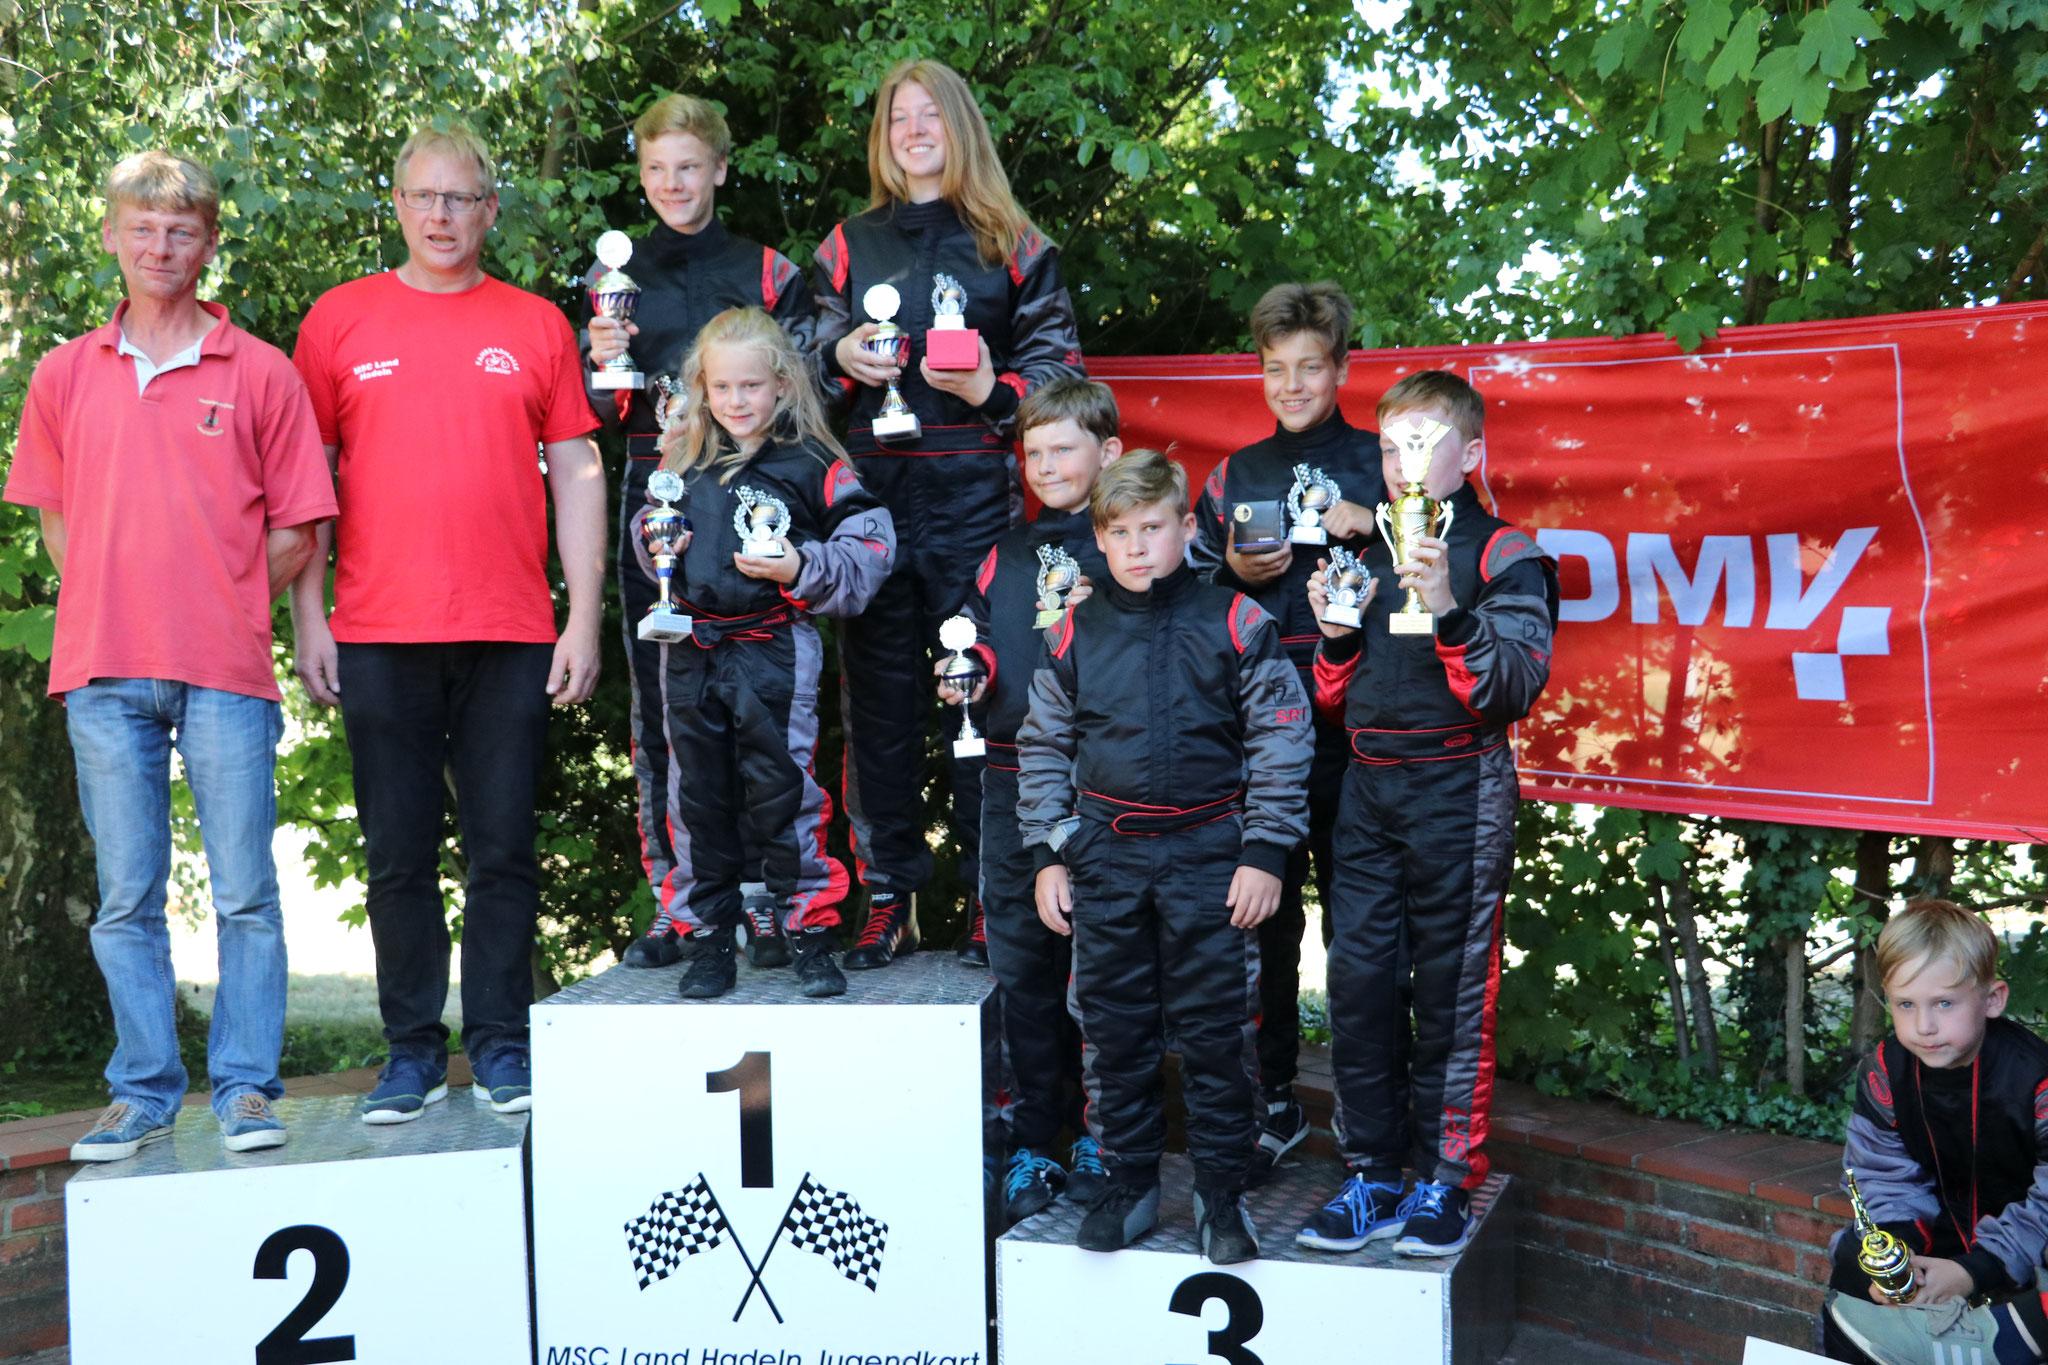 Auf dem ersten Platz stehen die Norddeutschen Meister (Einzelstarter), auf dem Dritten die Youngstars MSC Land Hadeln 1 als Norddeutscher Meister und auf dem Zweiten die Trainer